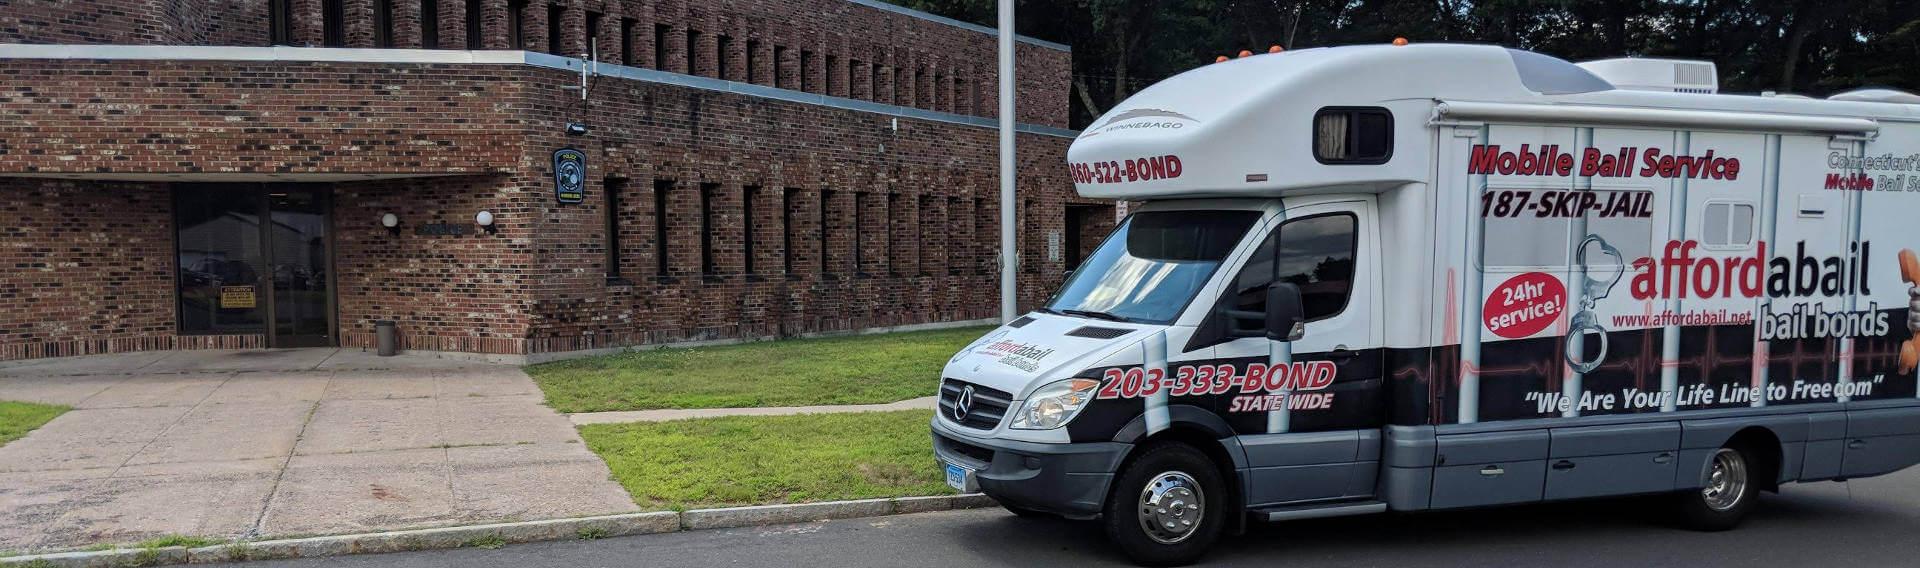 Mobile bail bonds service in Windsor Locks, CT